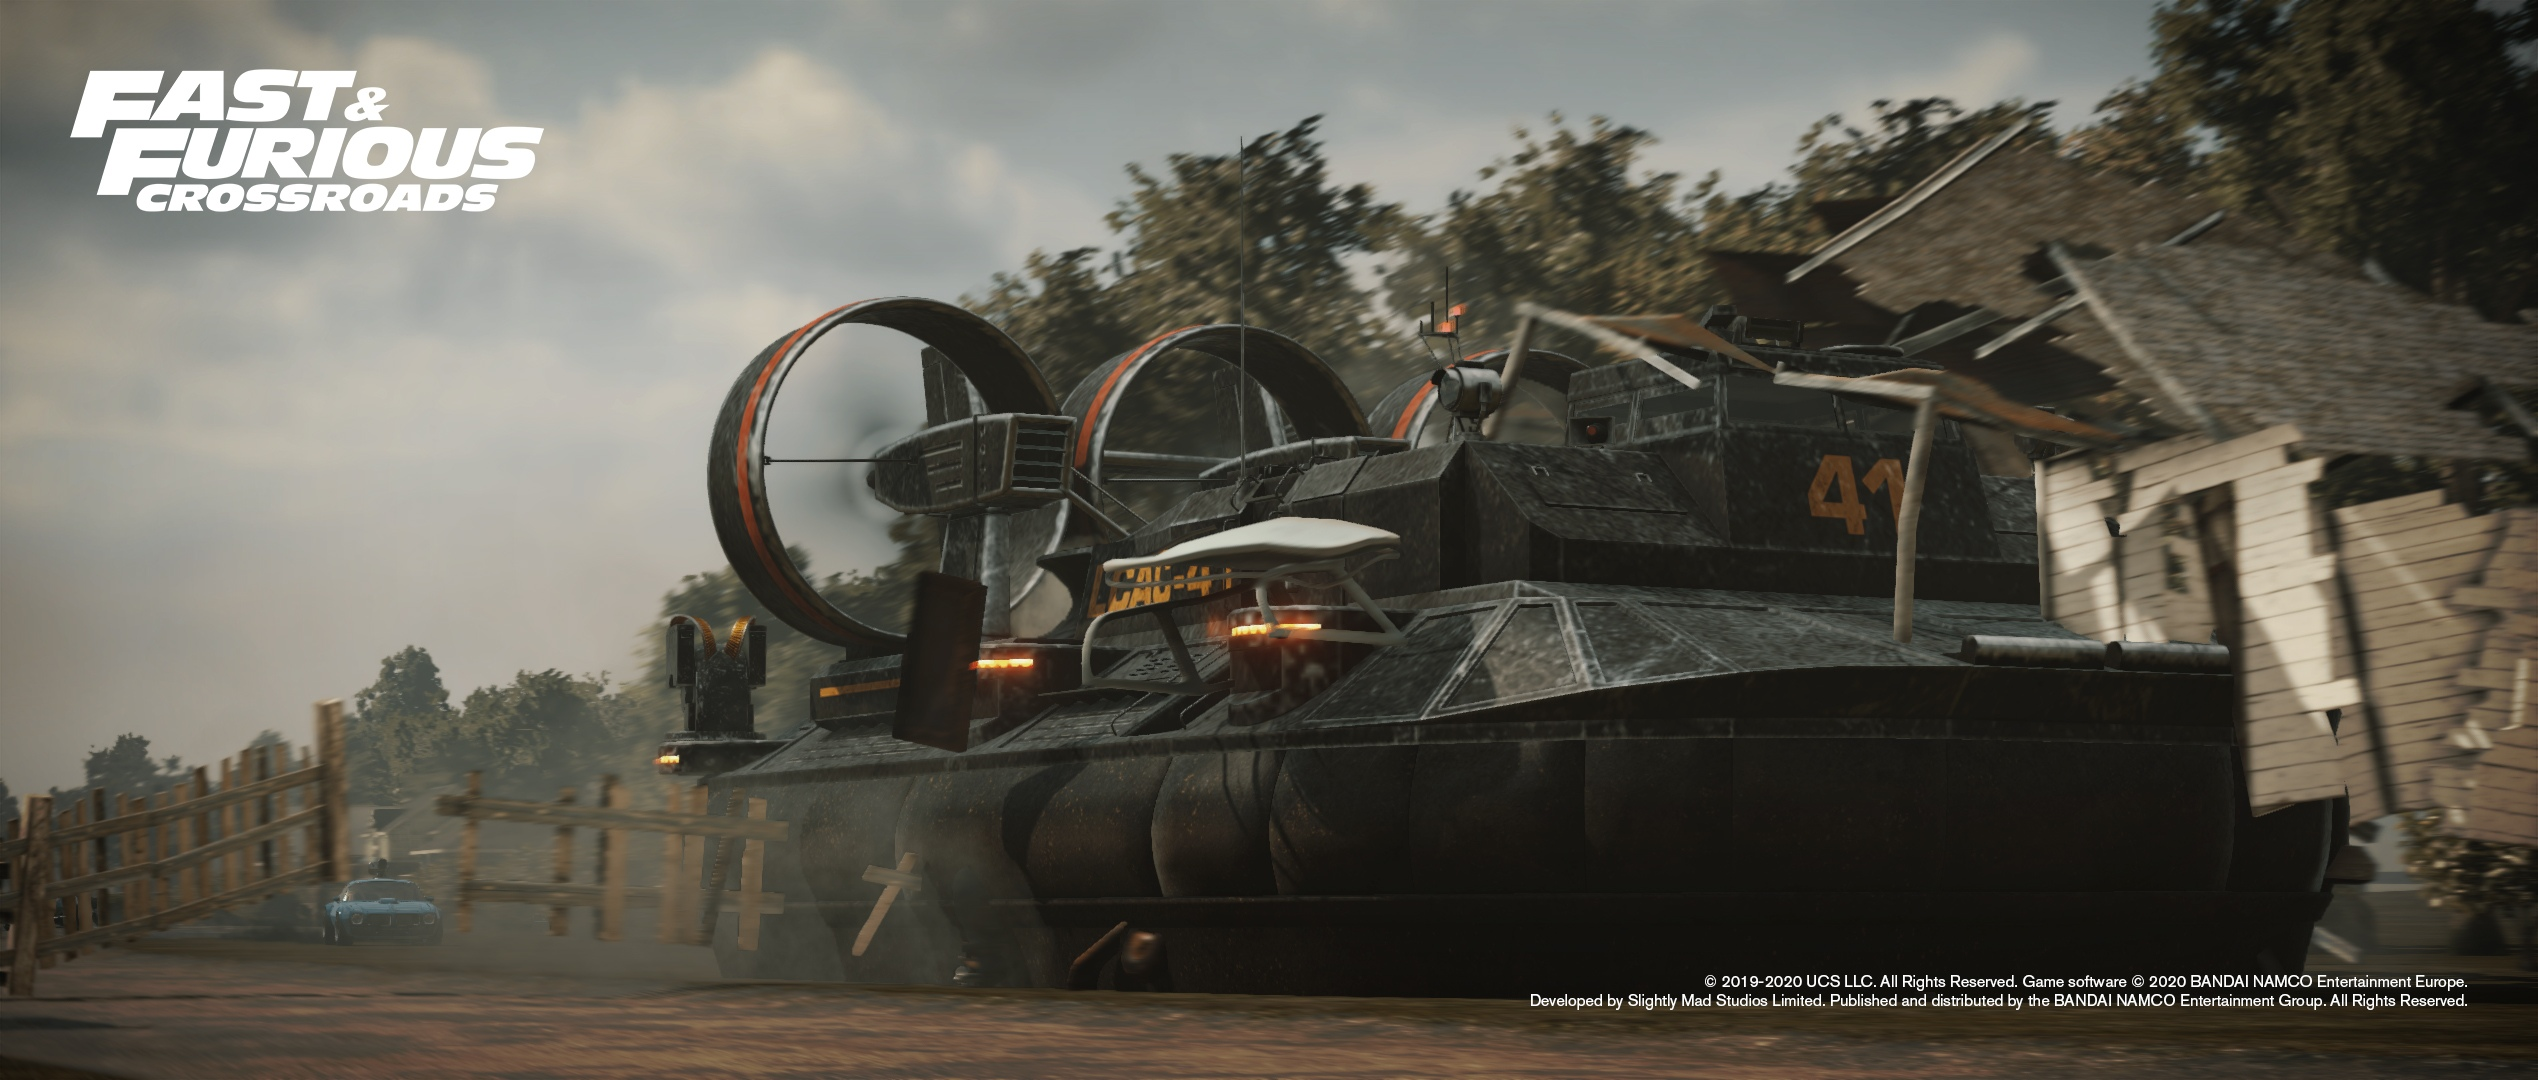 Официальные скриншоты Fast & Furious Crossroads